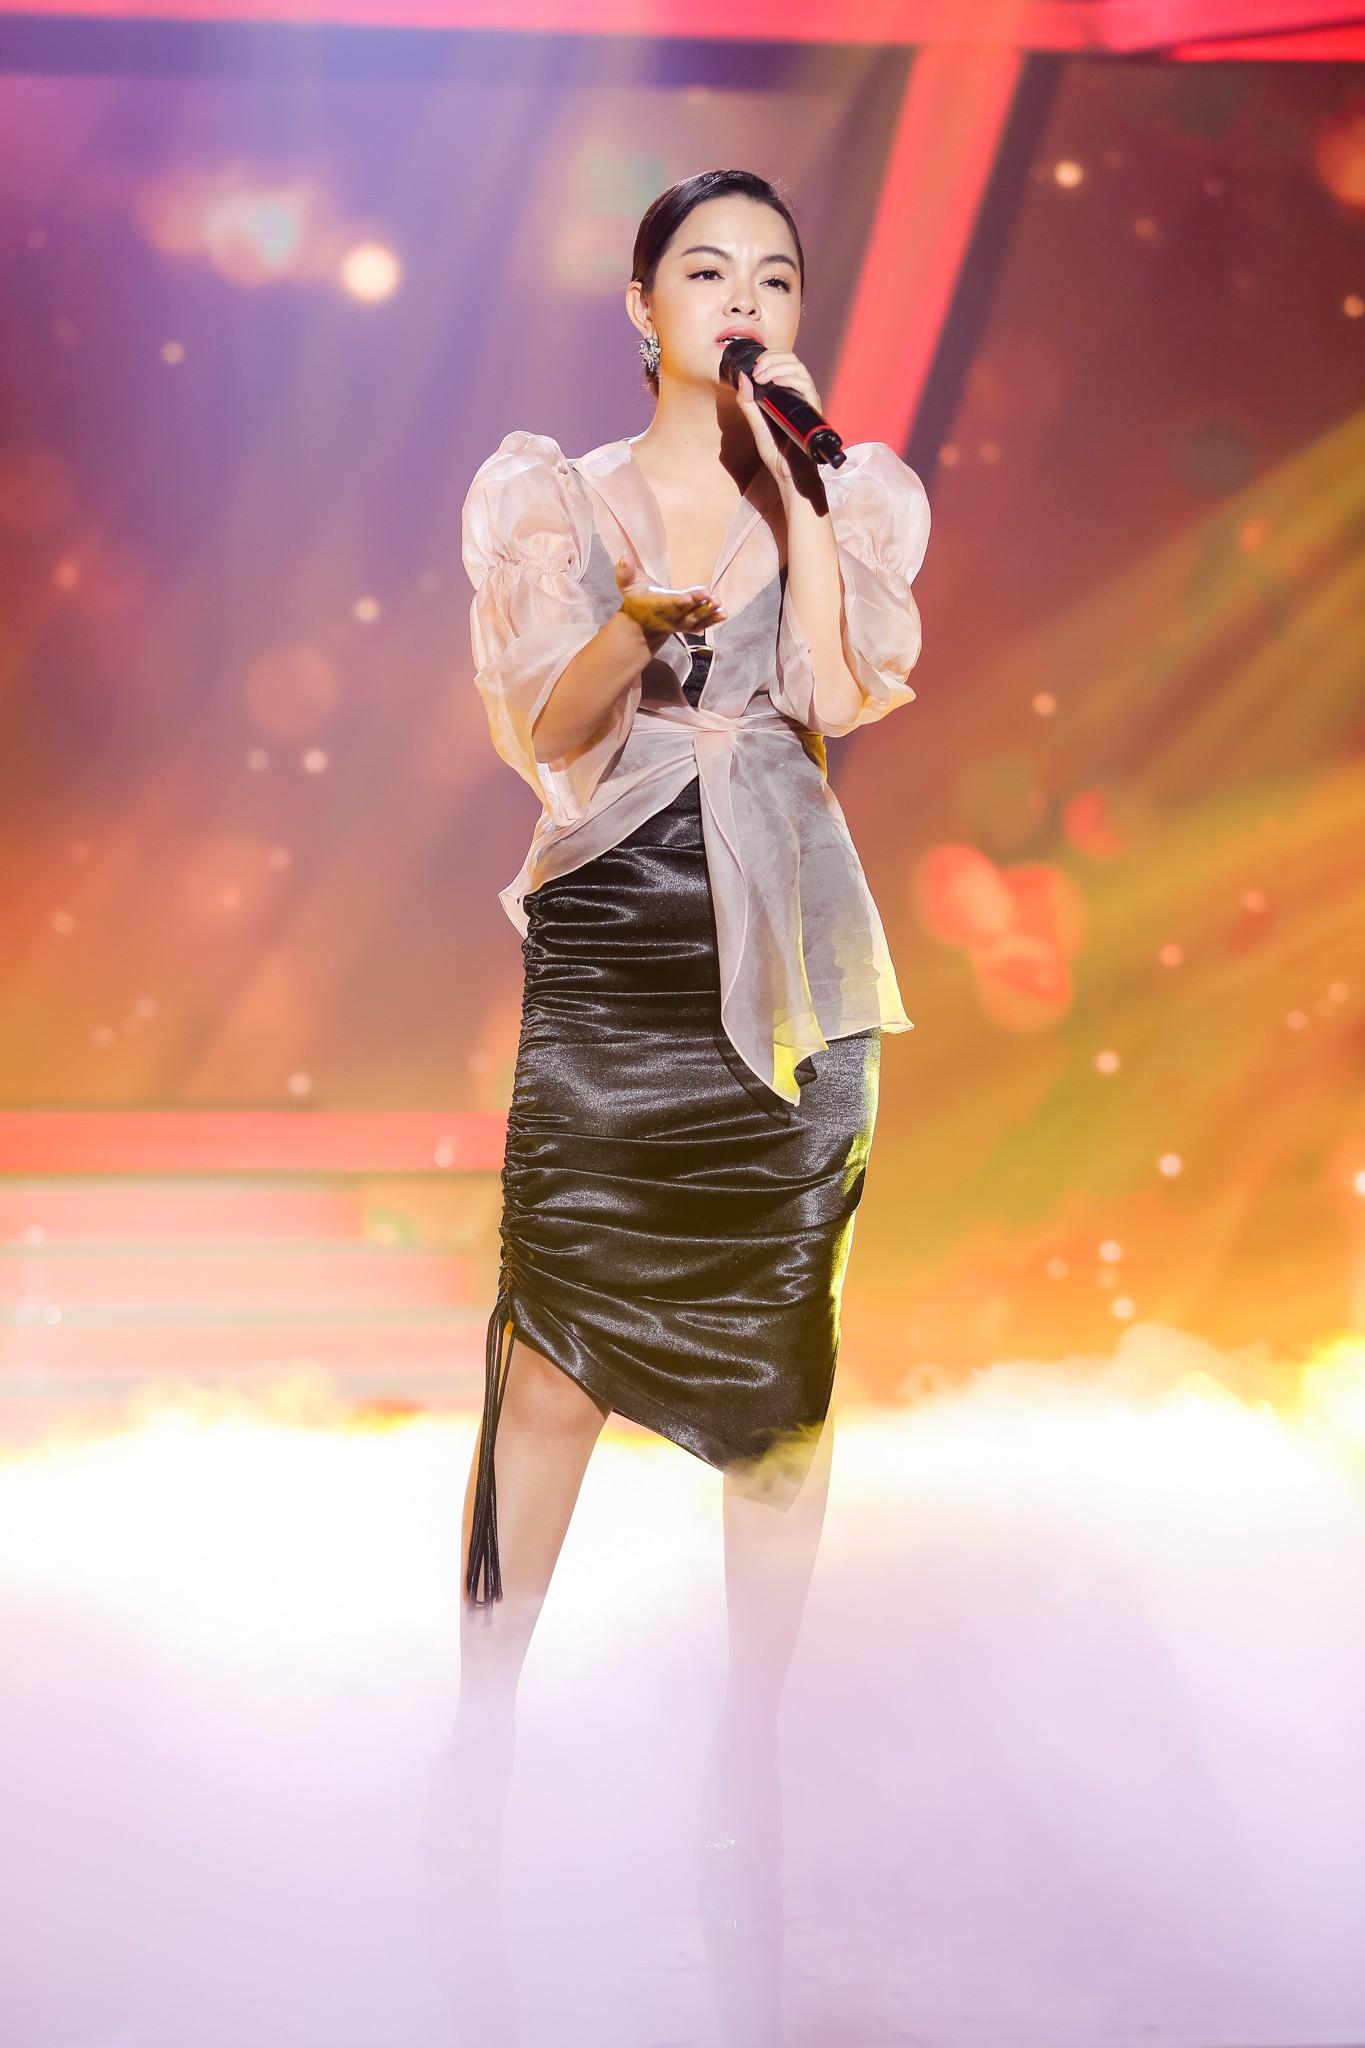 Lịm tim với màn hát live cực hay của Quang Linh - Phạm Quỳnh Anh - Ảnh 4.